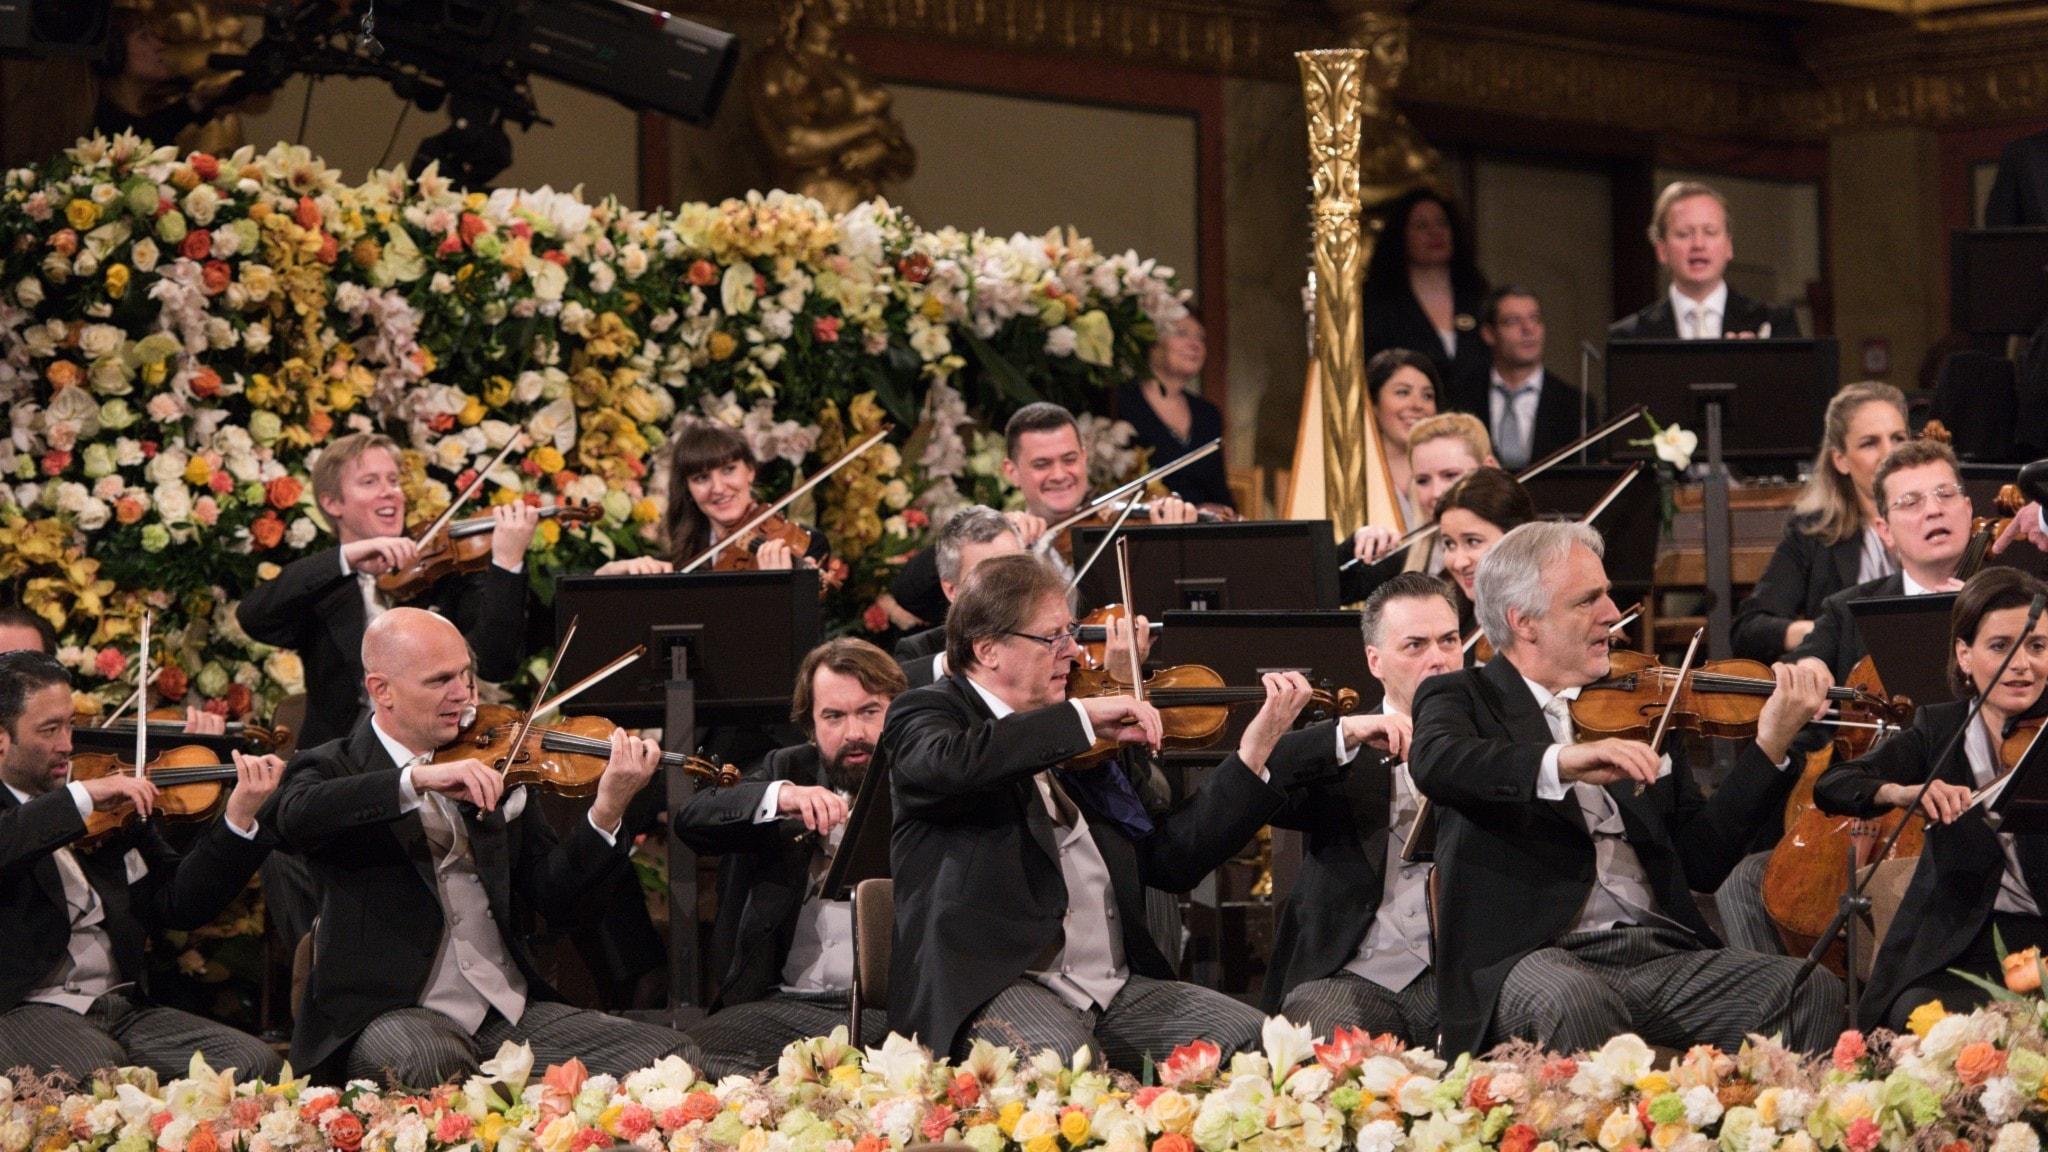 DIREKT: Nyårskonsert från Wien